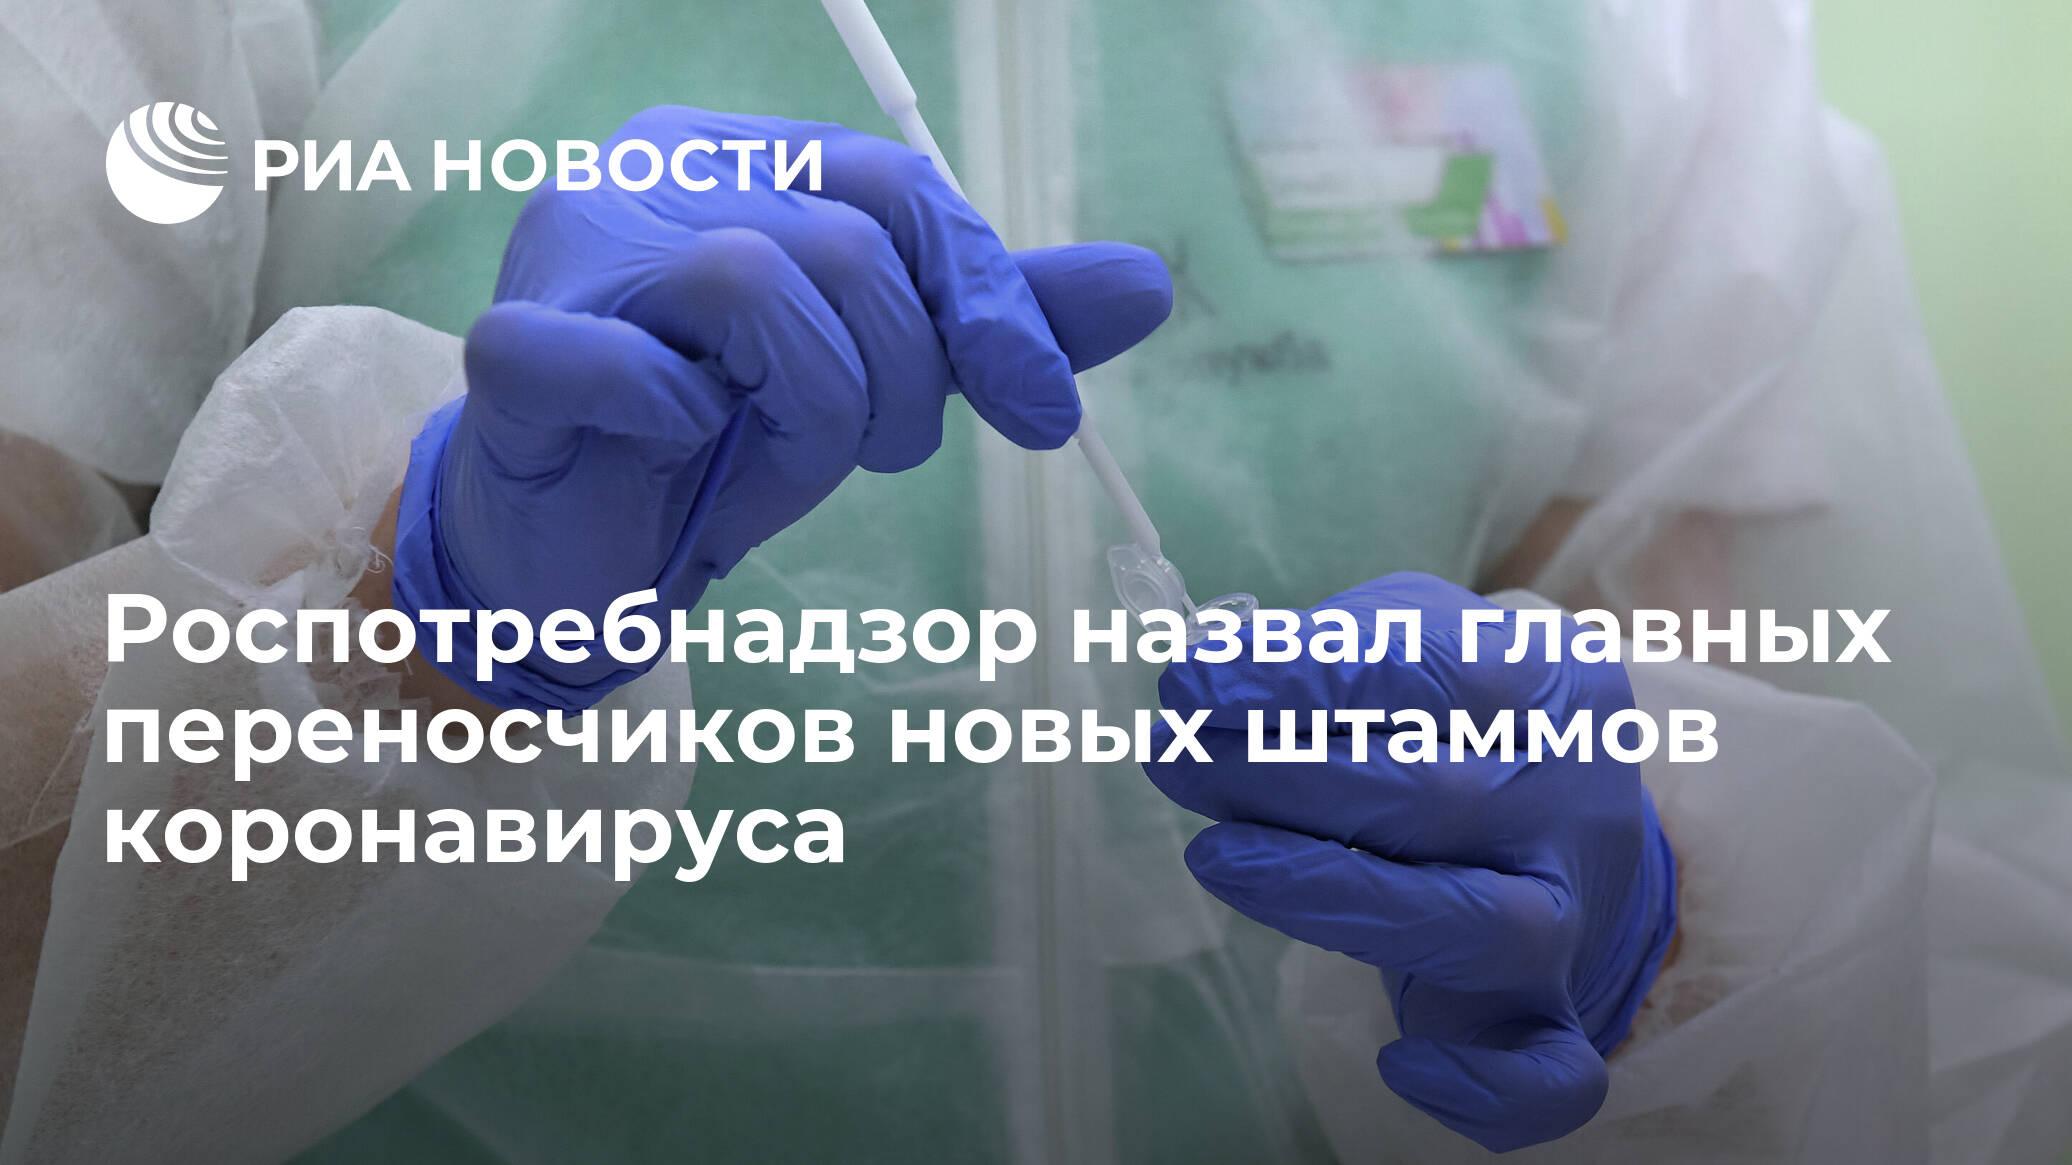 Роспотребнадзор: молодежь легче переносит инфекцию при заражении новыми штаммами коронавируса